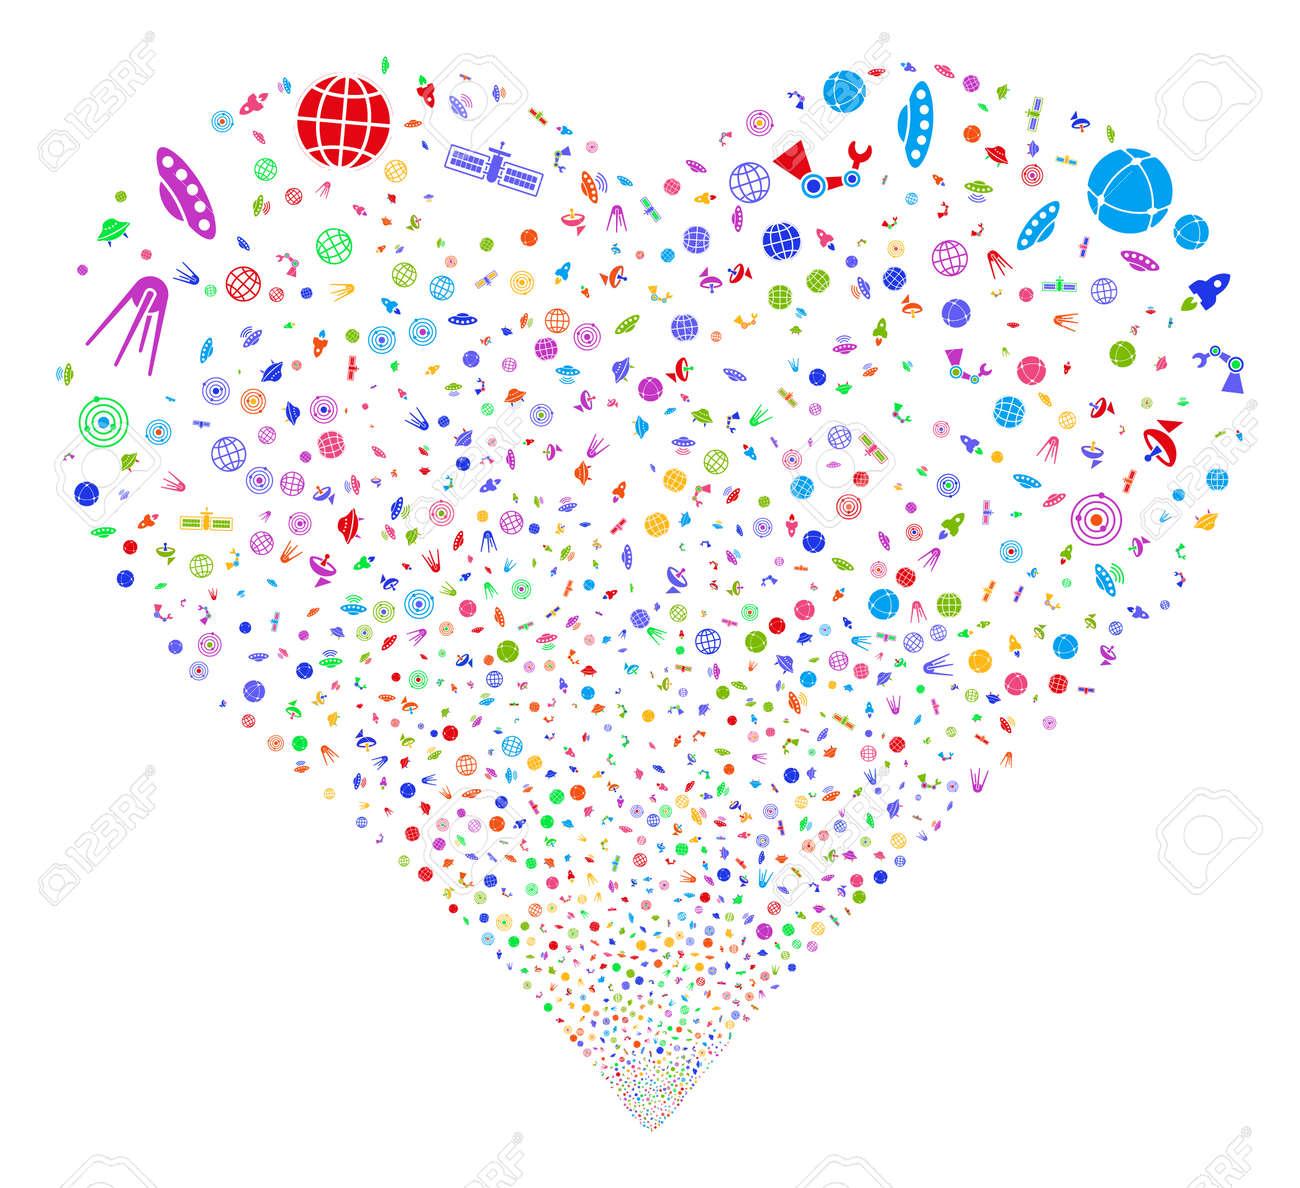 Free Confetti Cliparts Background, Download Free Clip Art, Free Clip Art on  Clipart Library